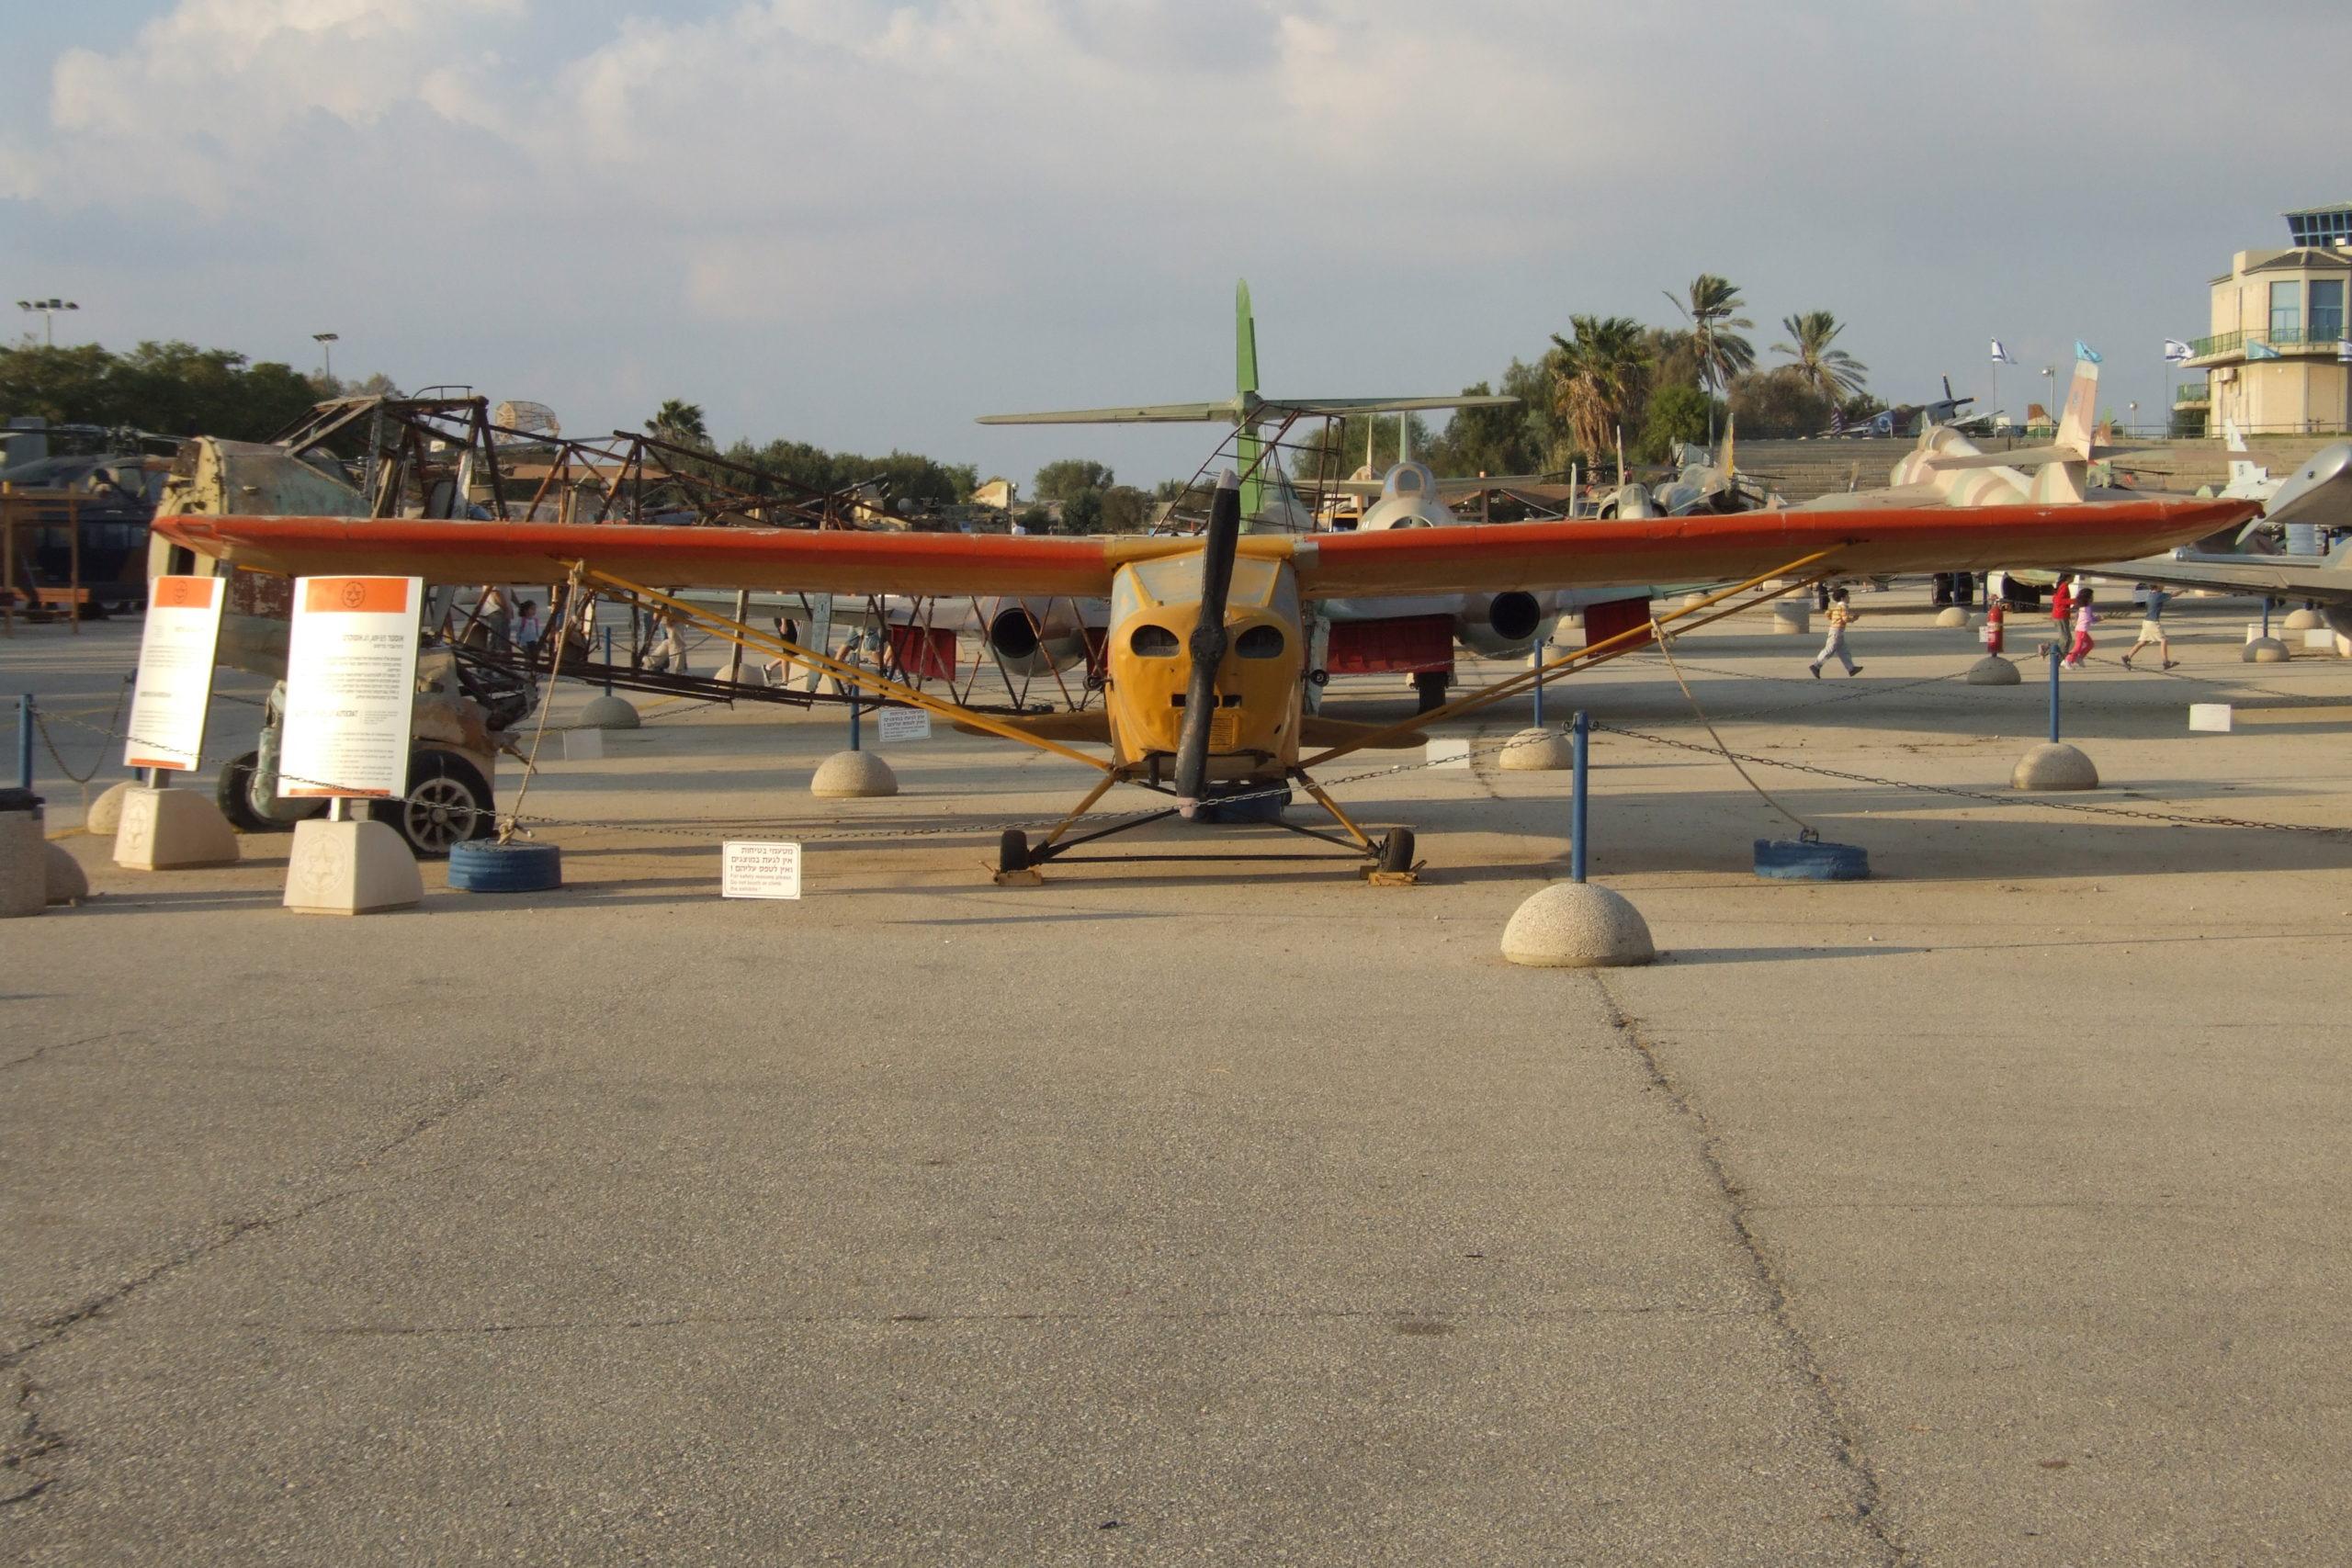 מטוס אוסטר (פרימוס) במוזיאון חיל האויר חצרים - צילום: אפי אליאן